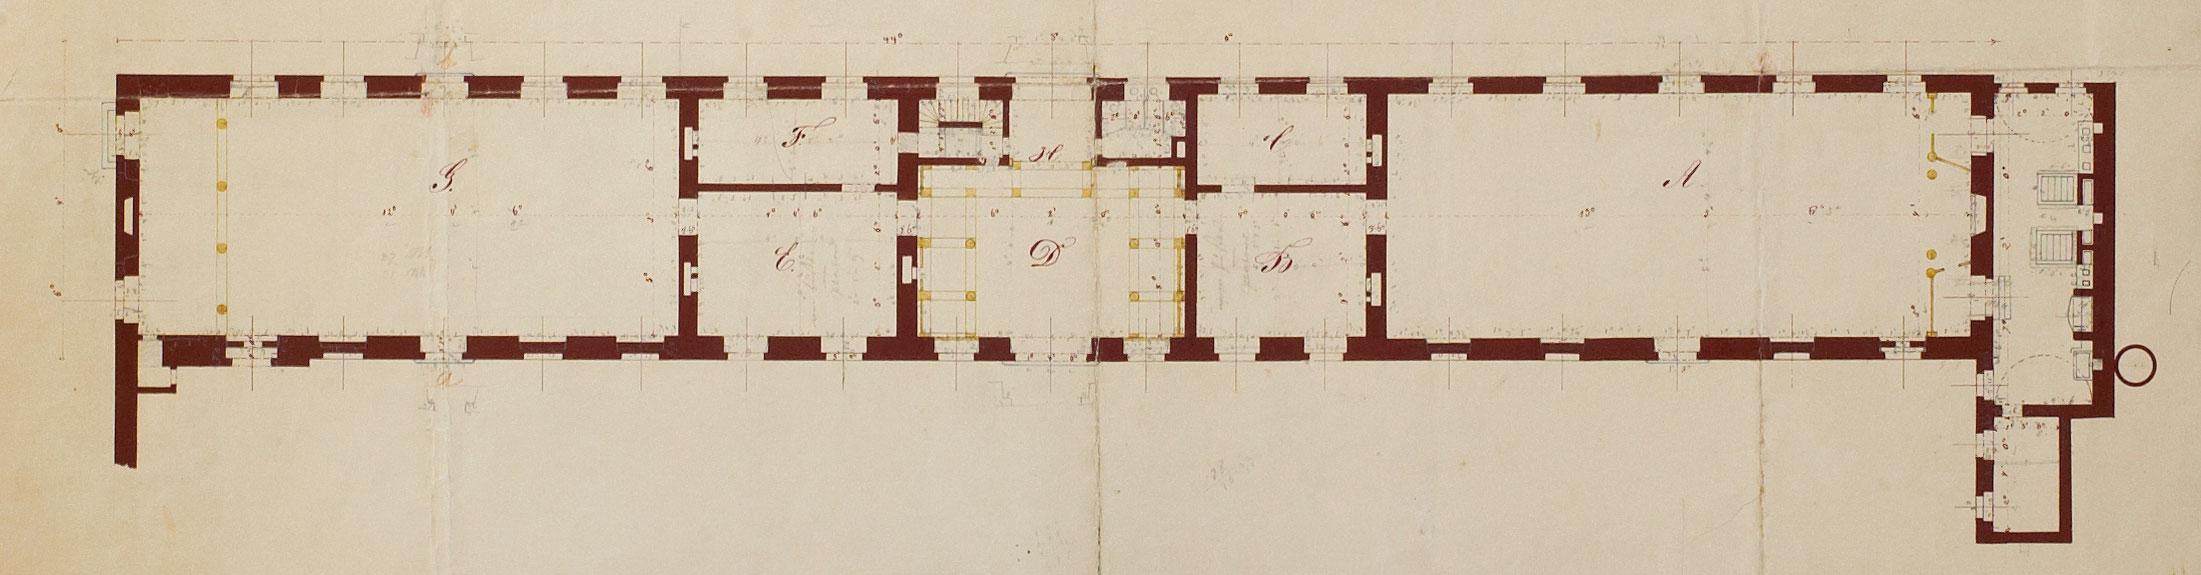 Saalgebäude Augarten: Historic Plan